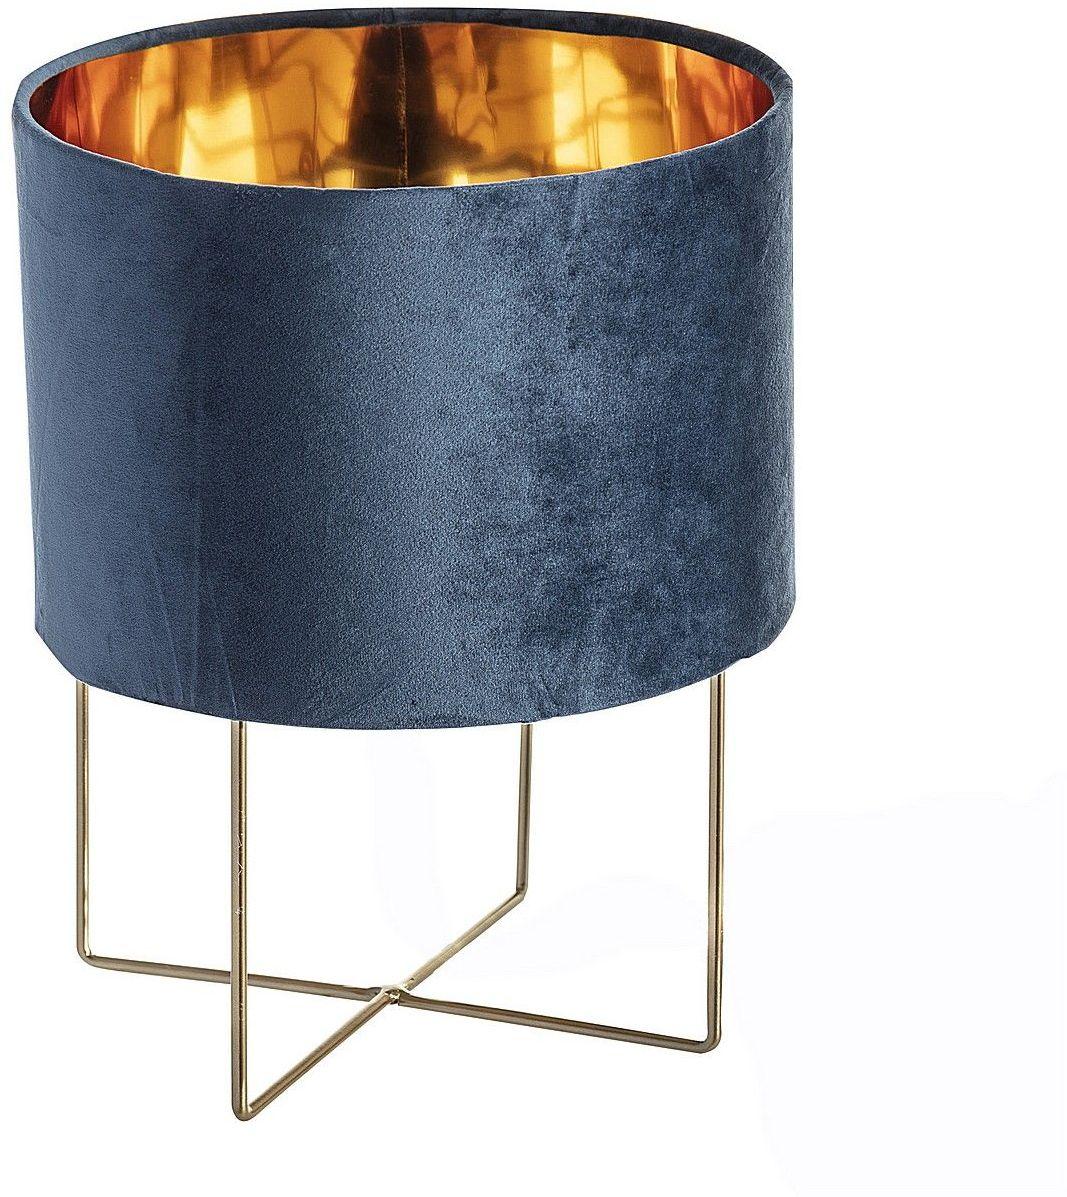 Lampa stołowa Trixi Navy, 28 x 37 cm